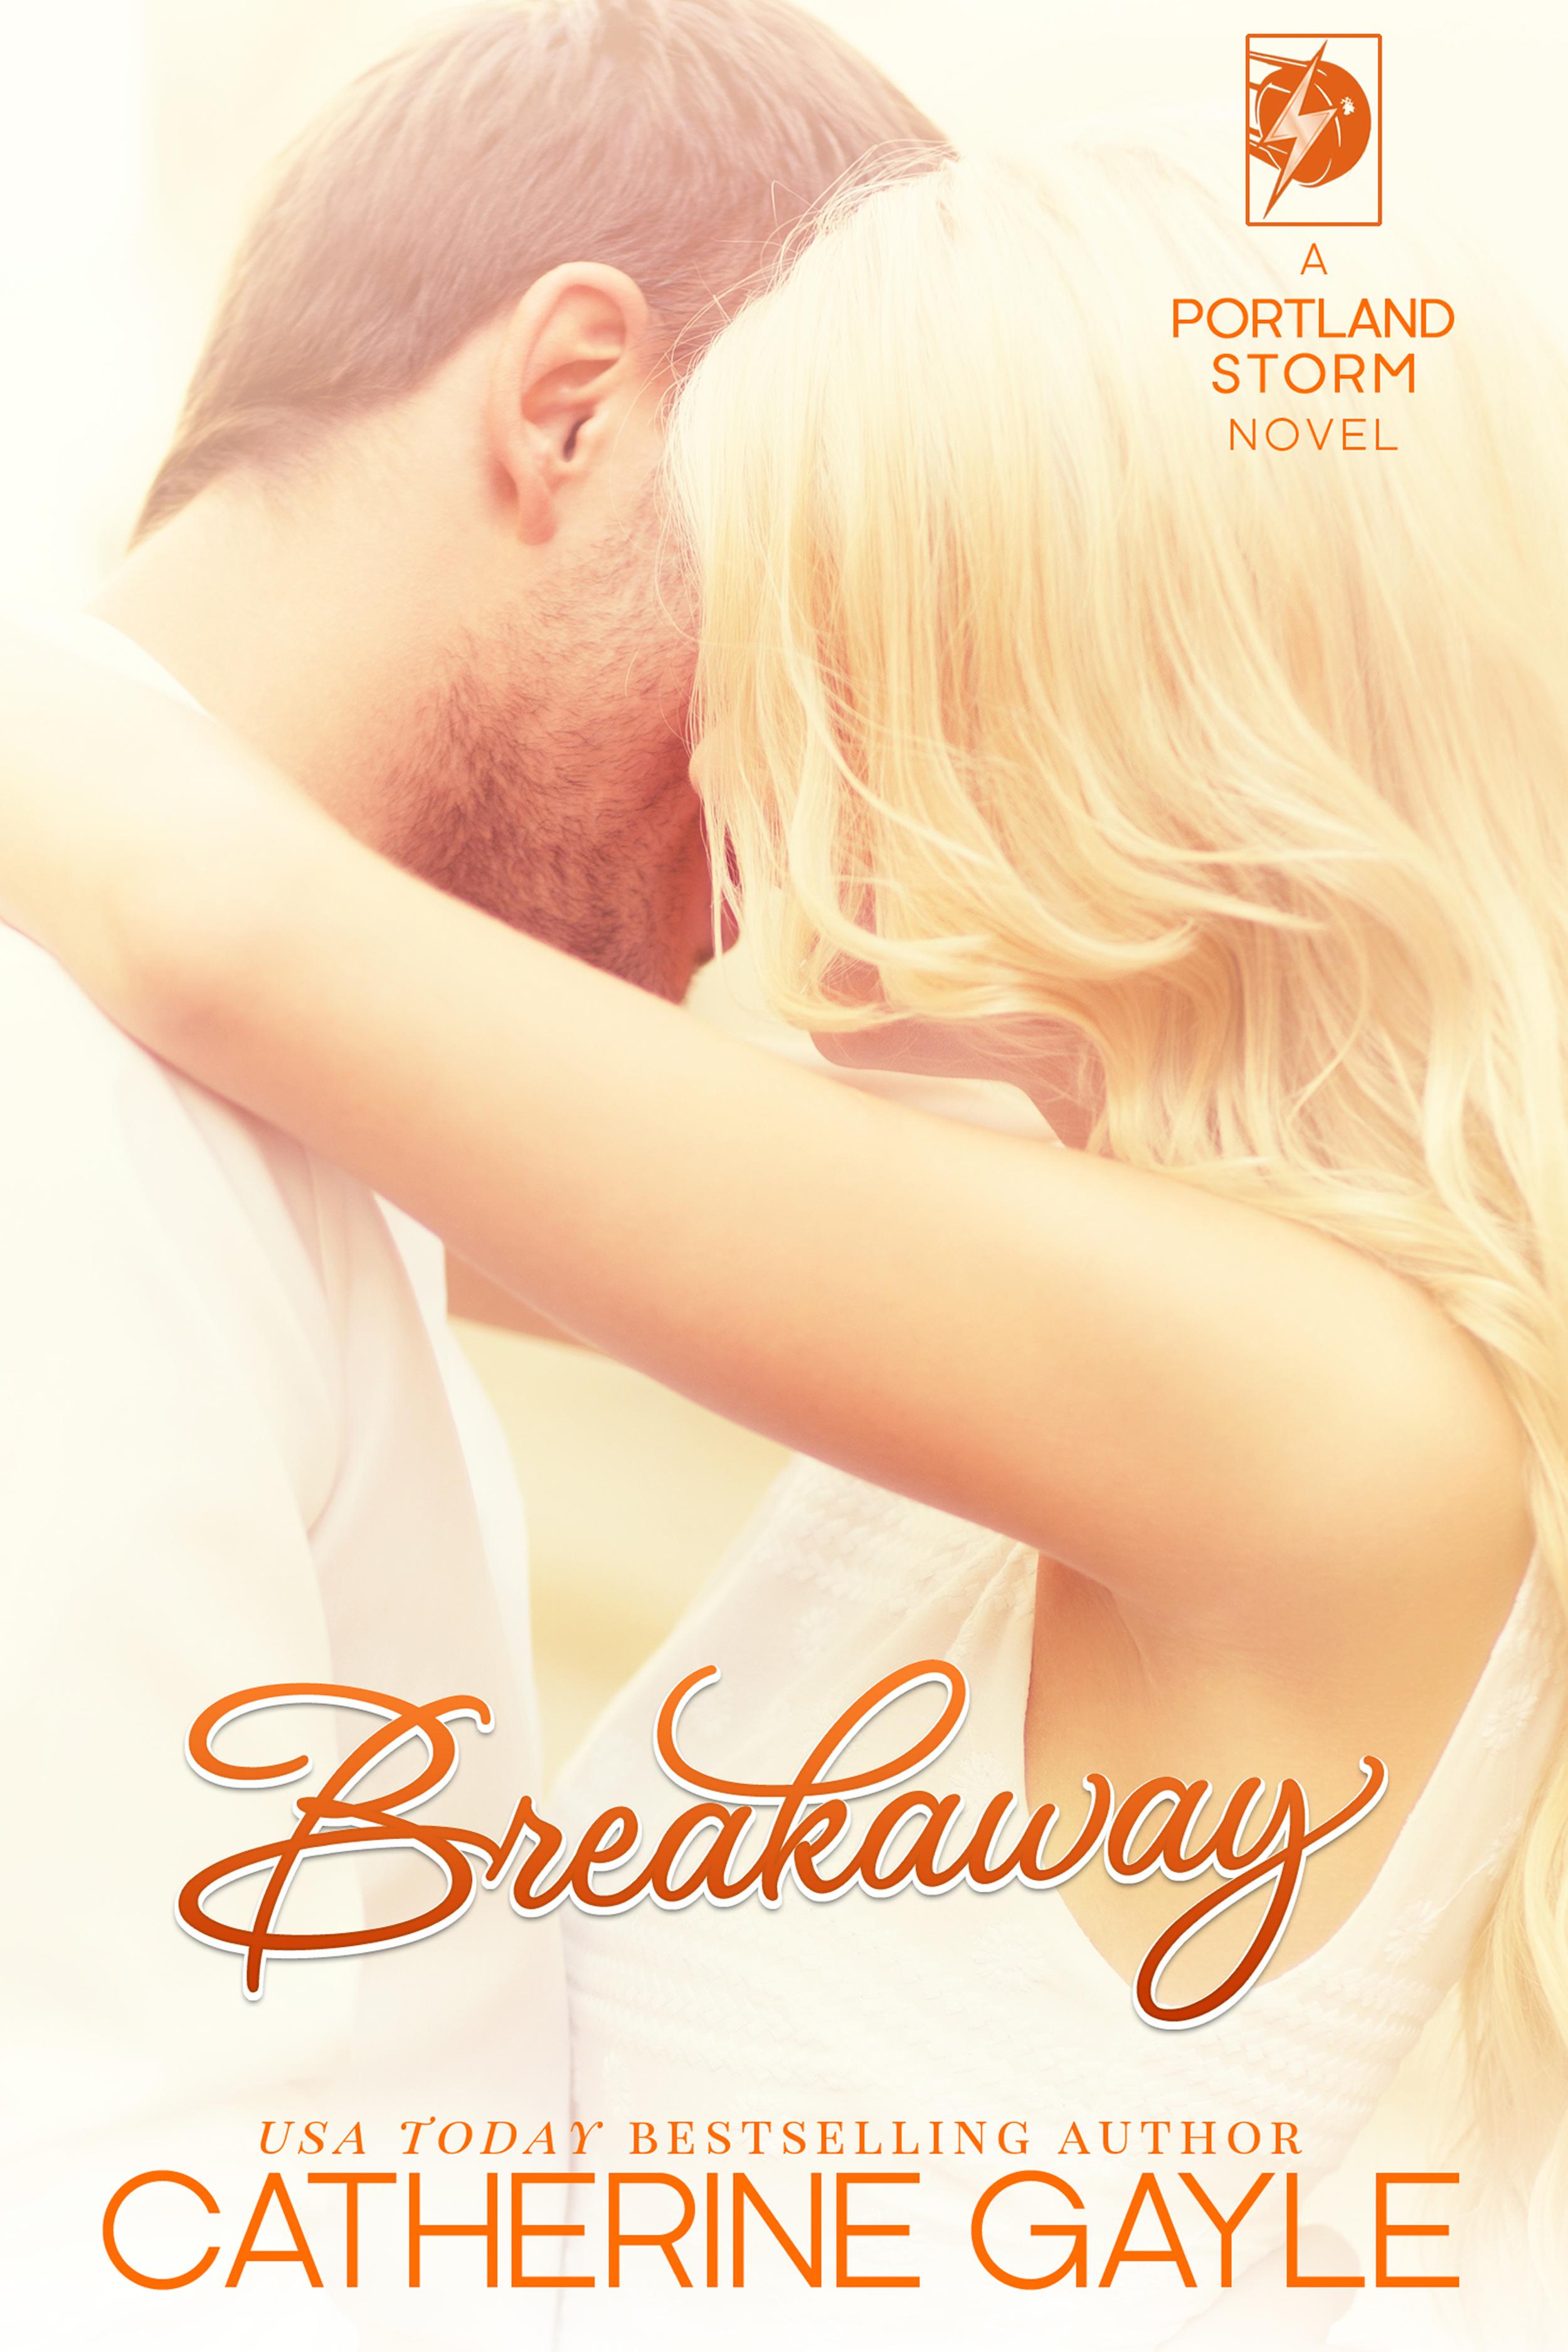 Breakaway Portland Storm, Book 1 (sst-cccxxii)